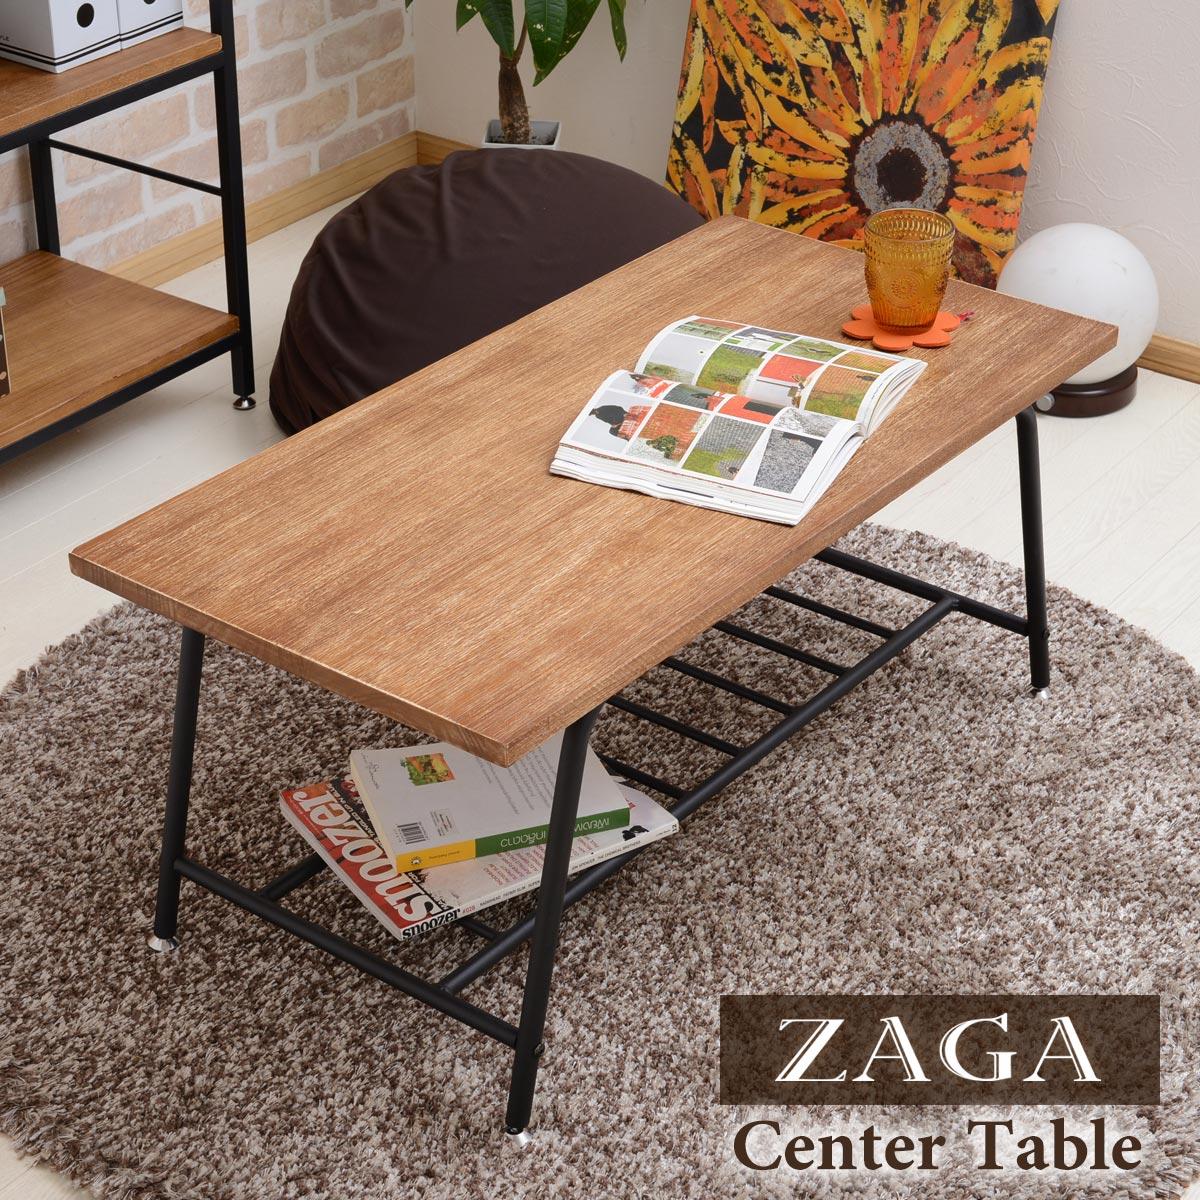 リビングテーブル センターテーブル コーヒーテーブル 幅90cm 棚付き ブラウン アイアン 木目 天然木 無垢材 モダン 北欧 おしゃれ カフェ 天然木 高級 シンプル